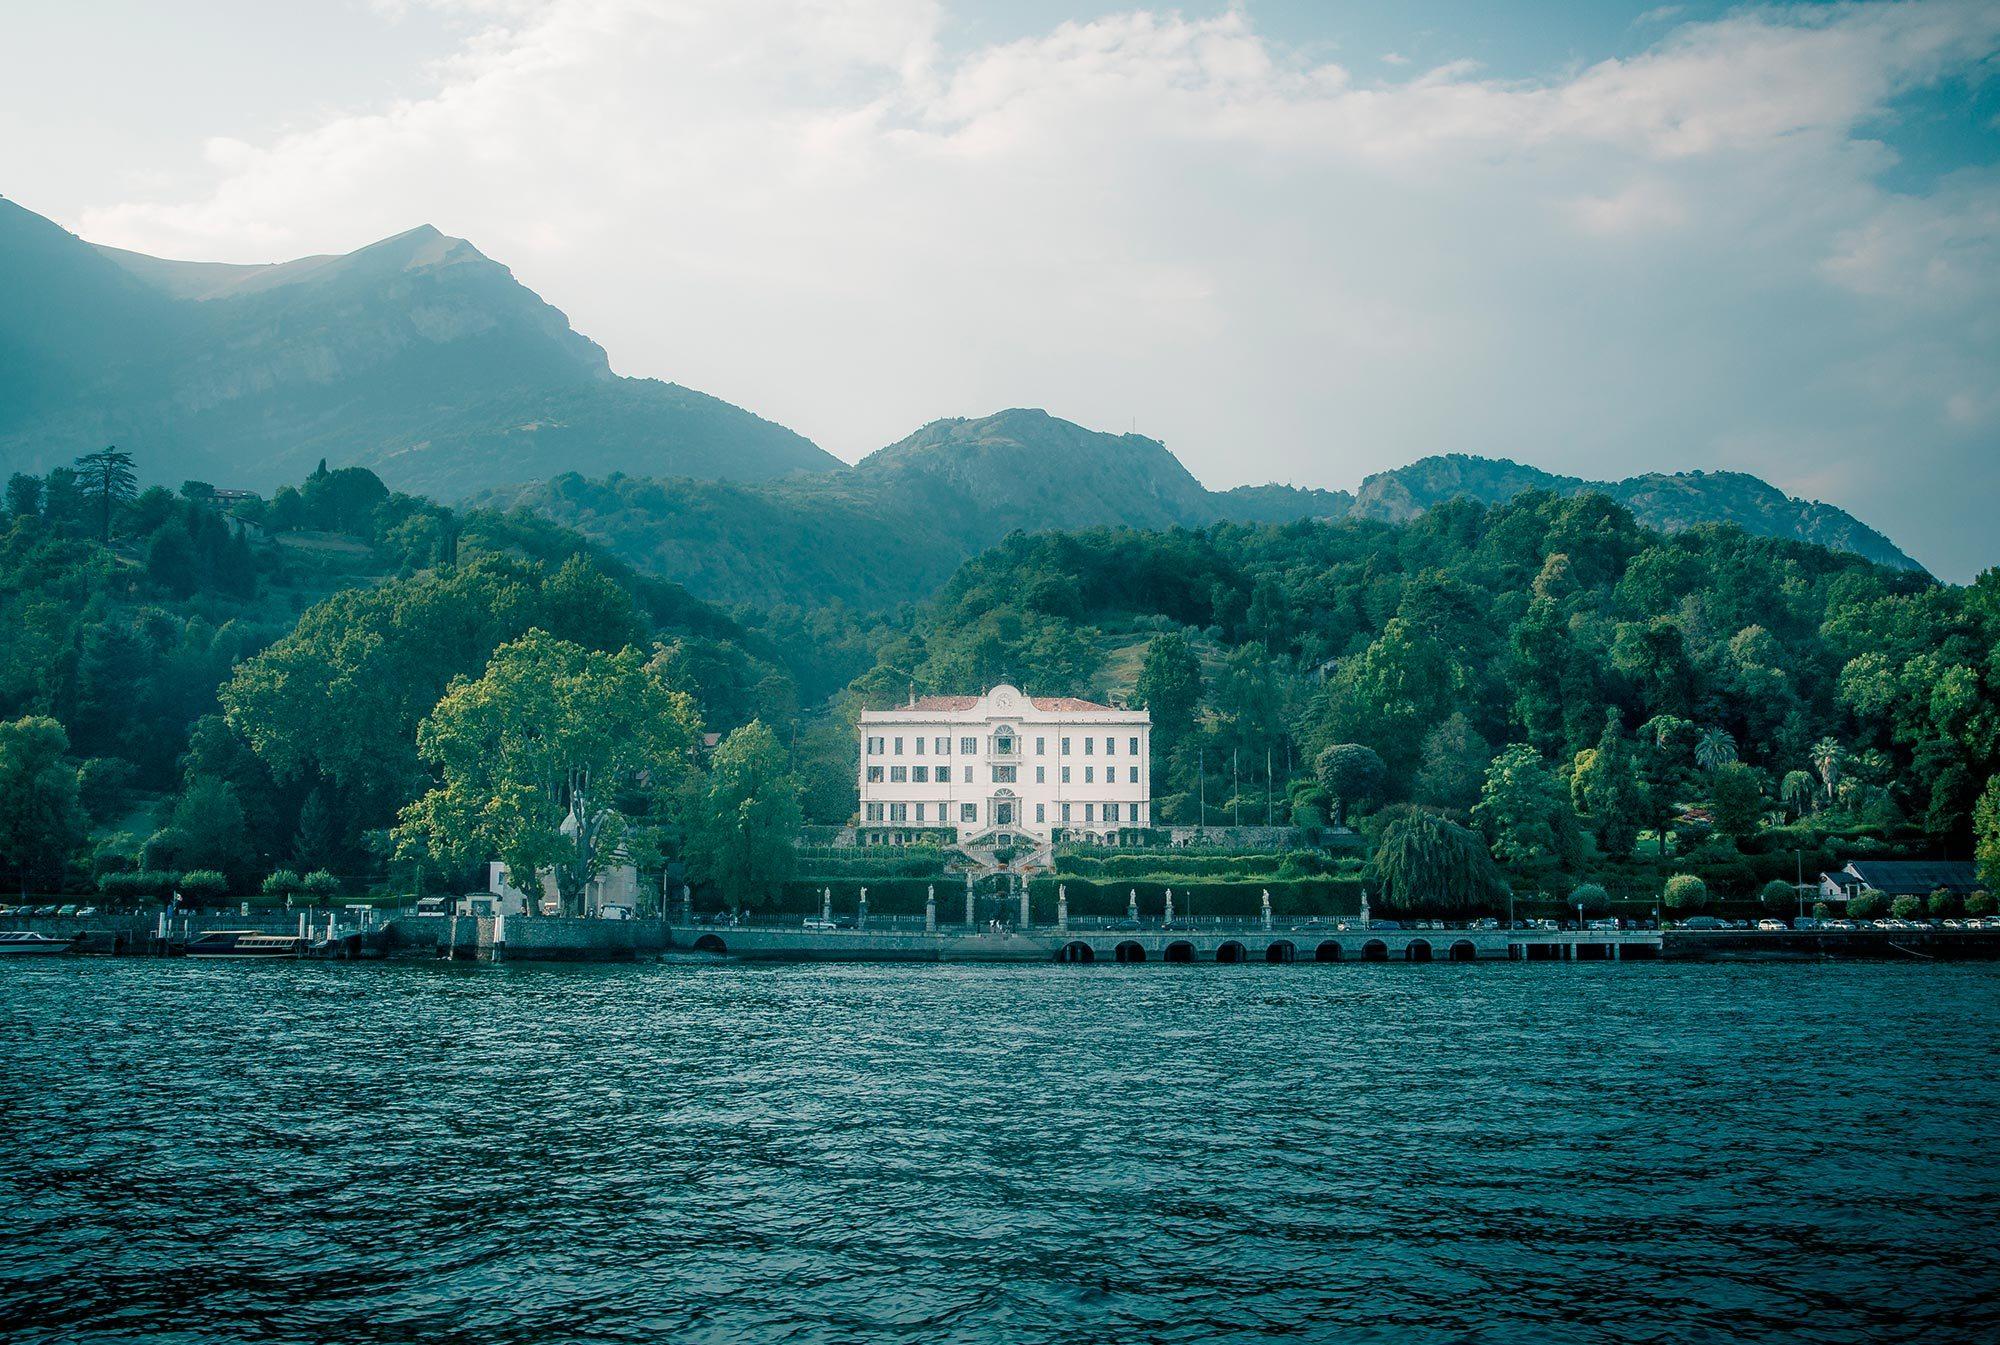 Explore-Italy-Attraction-Villa-Carlotta-in-Lake-Como